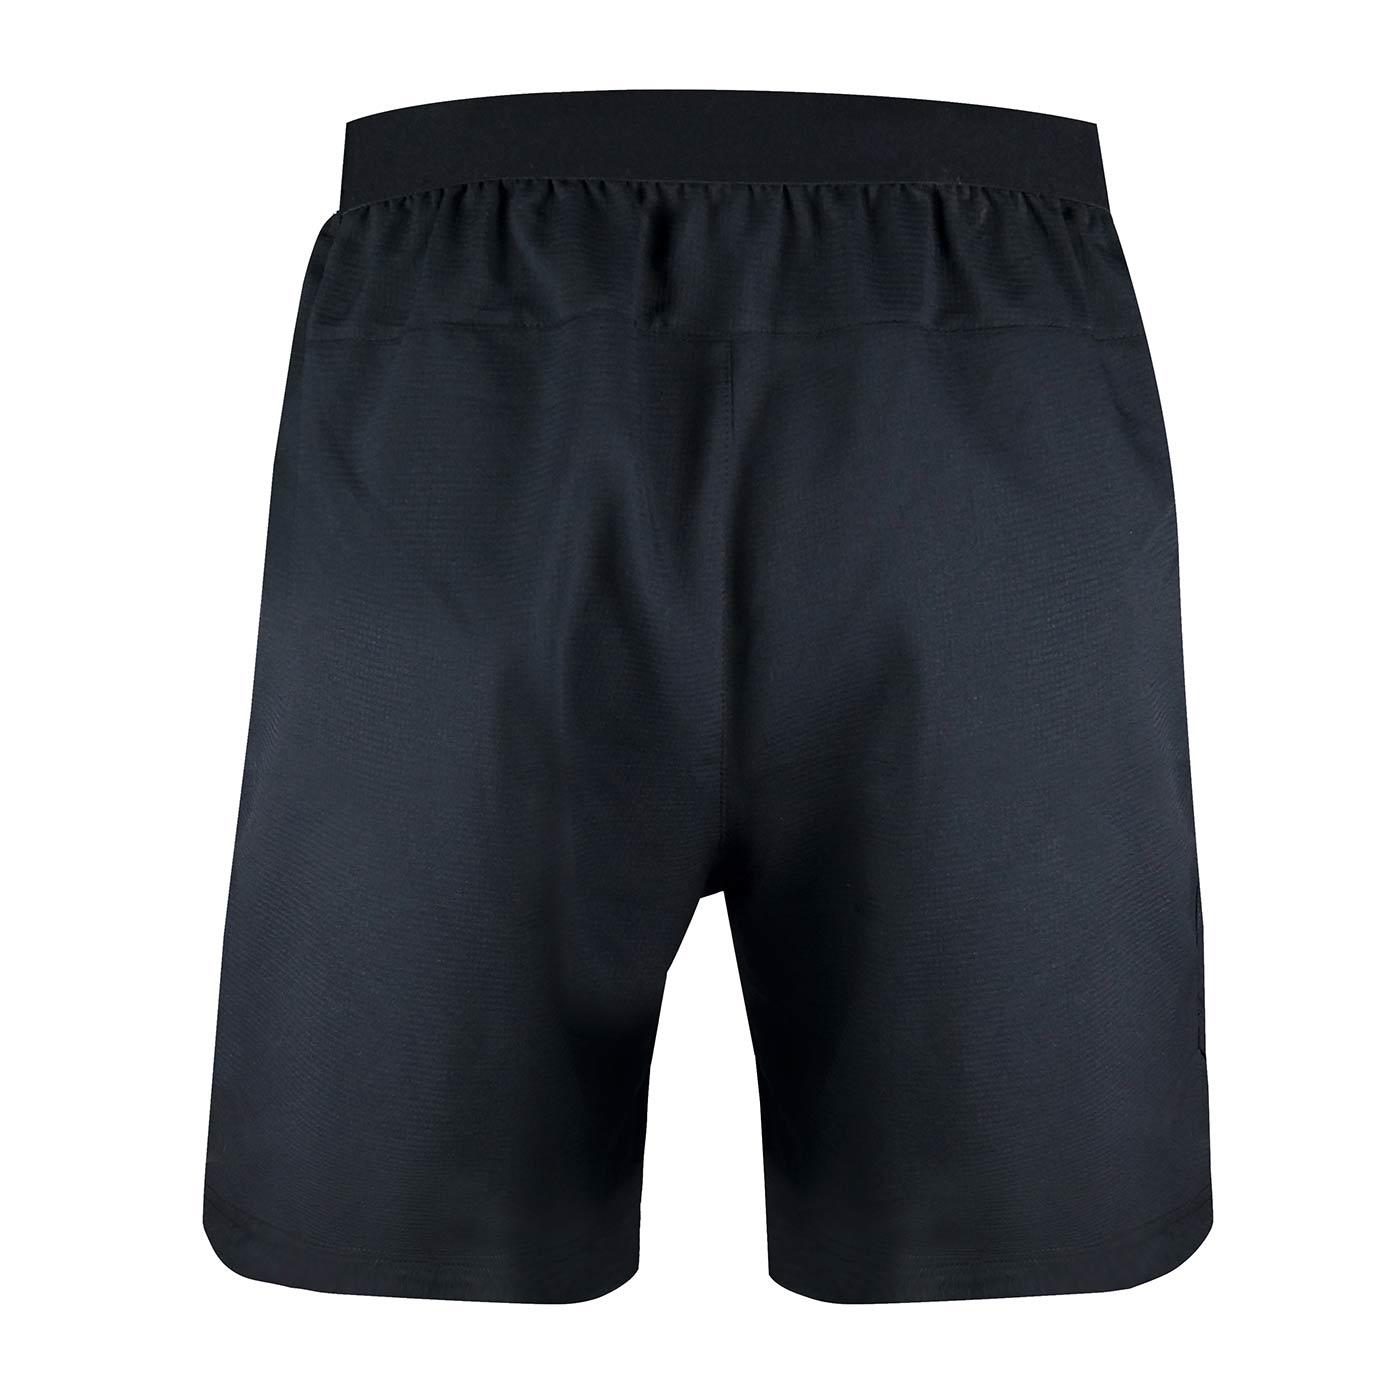 Pantaloncini Salernitana neri 2021-22